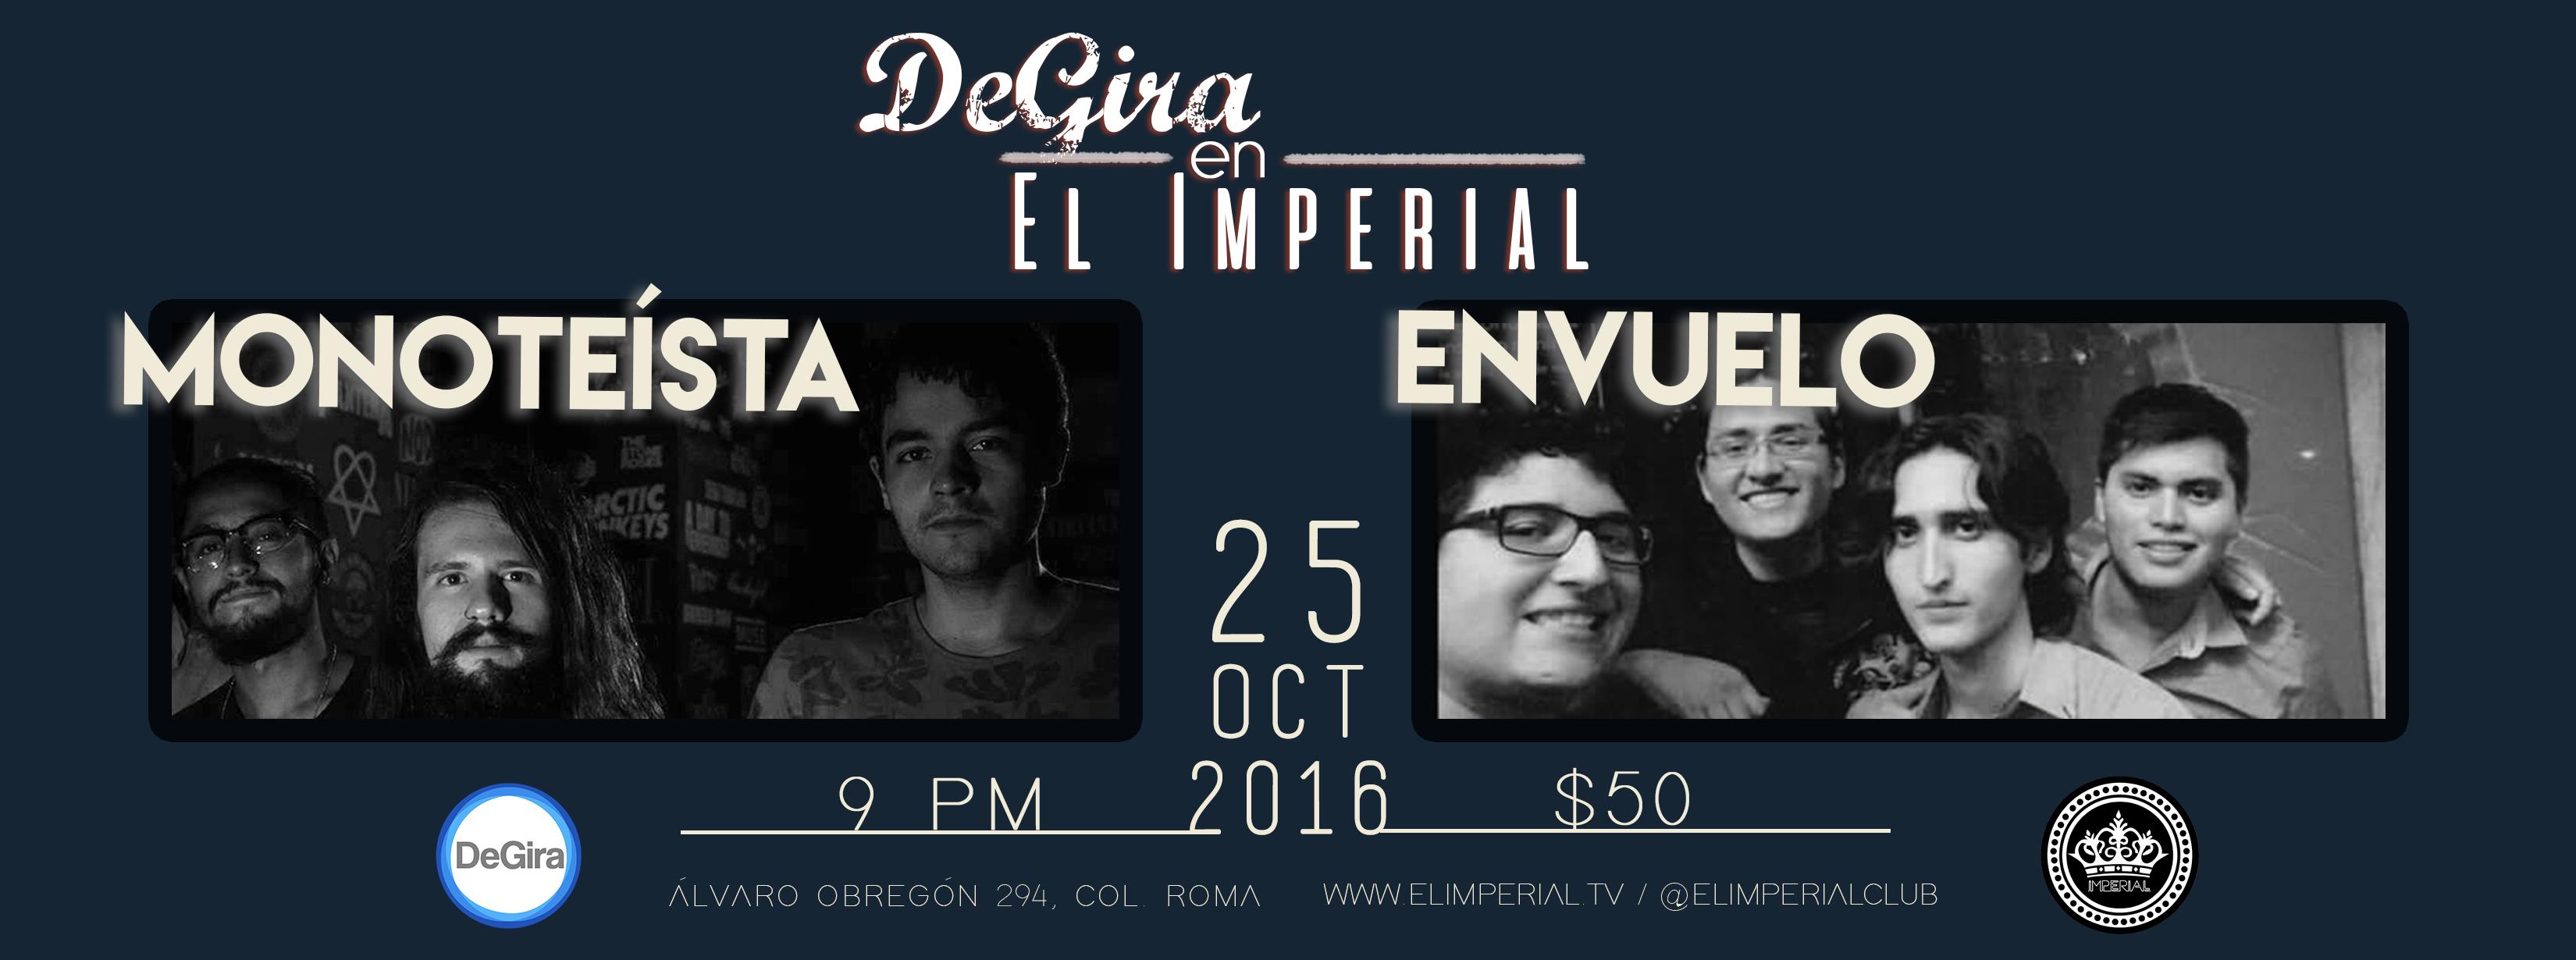 banner-fb-degira-en-el-imperial-25-oct-2016